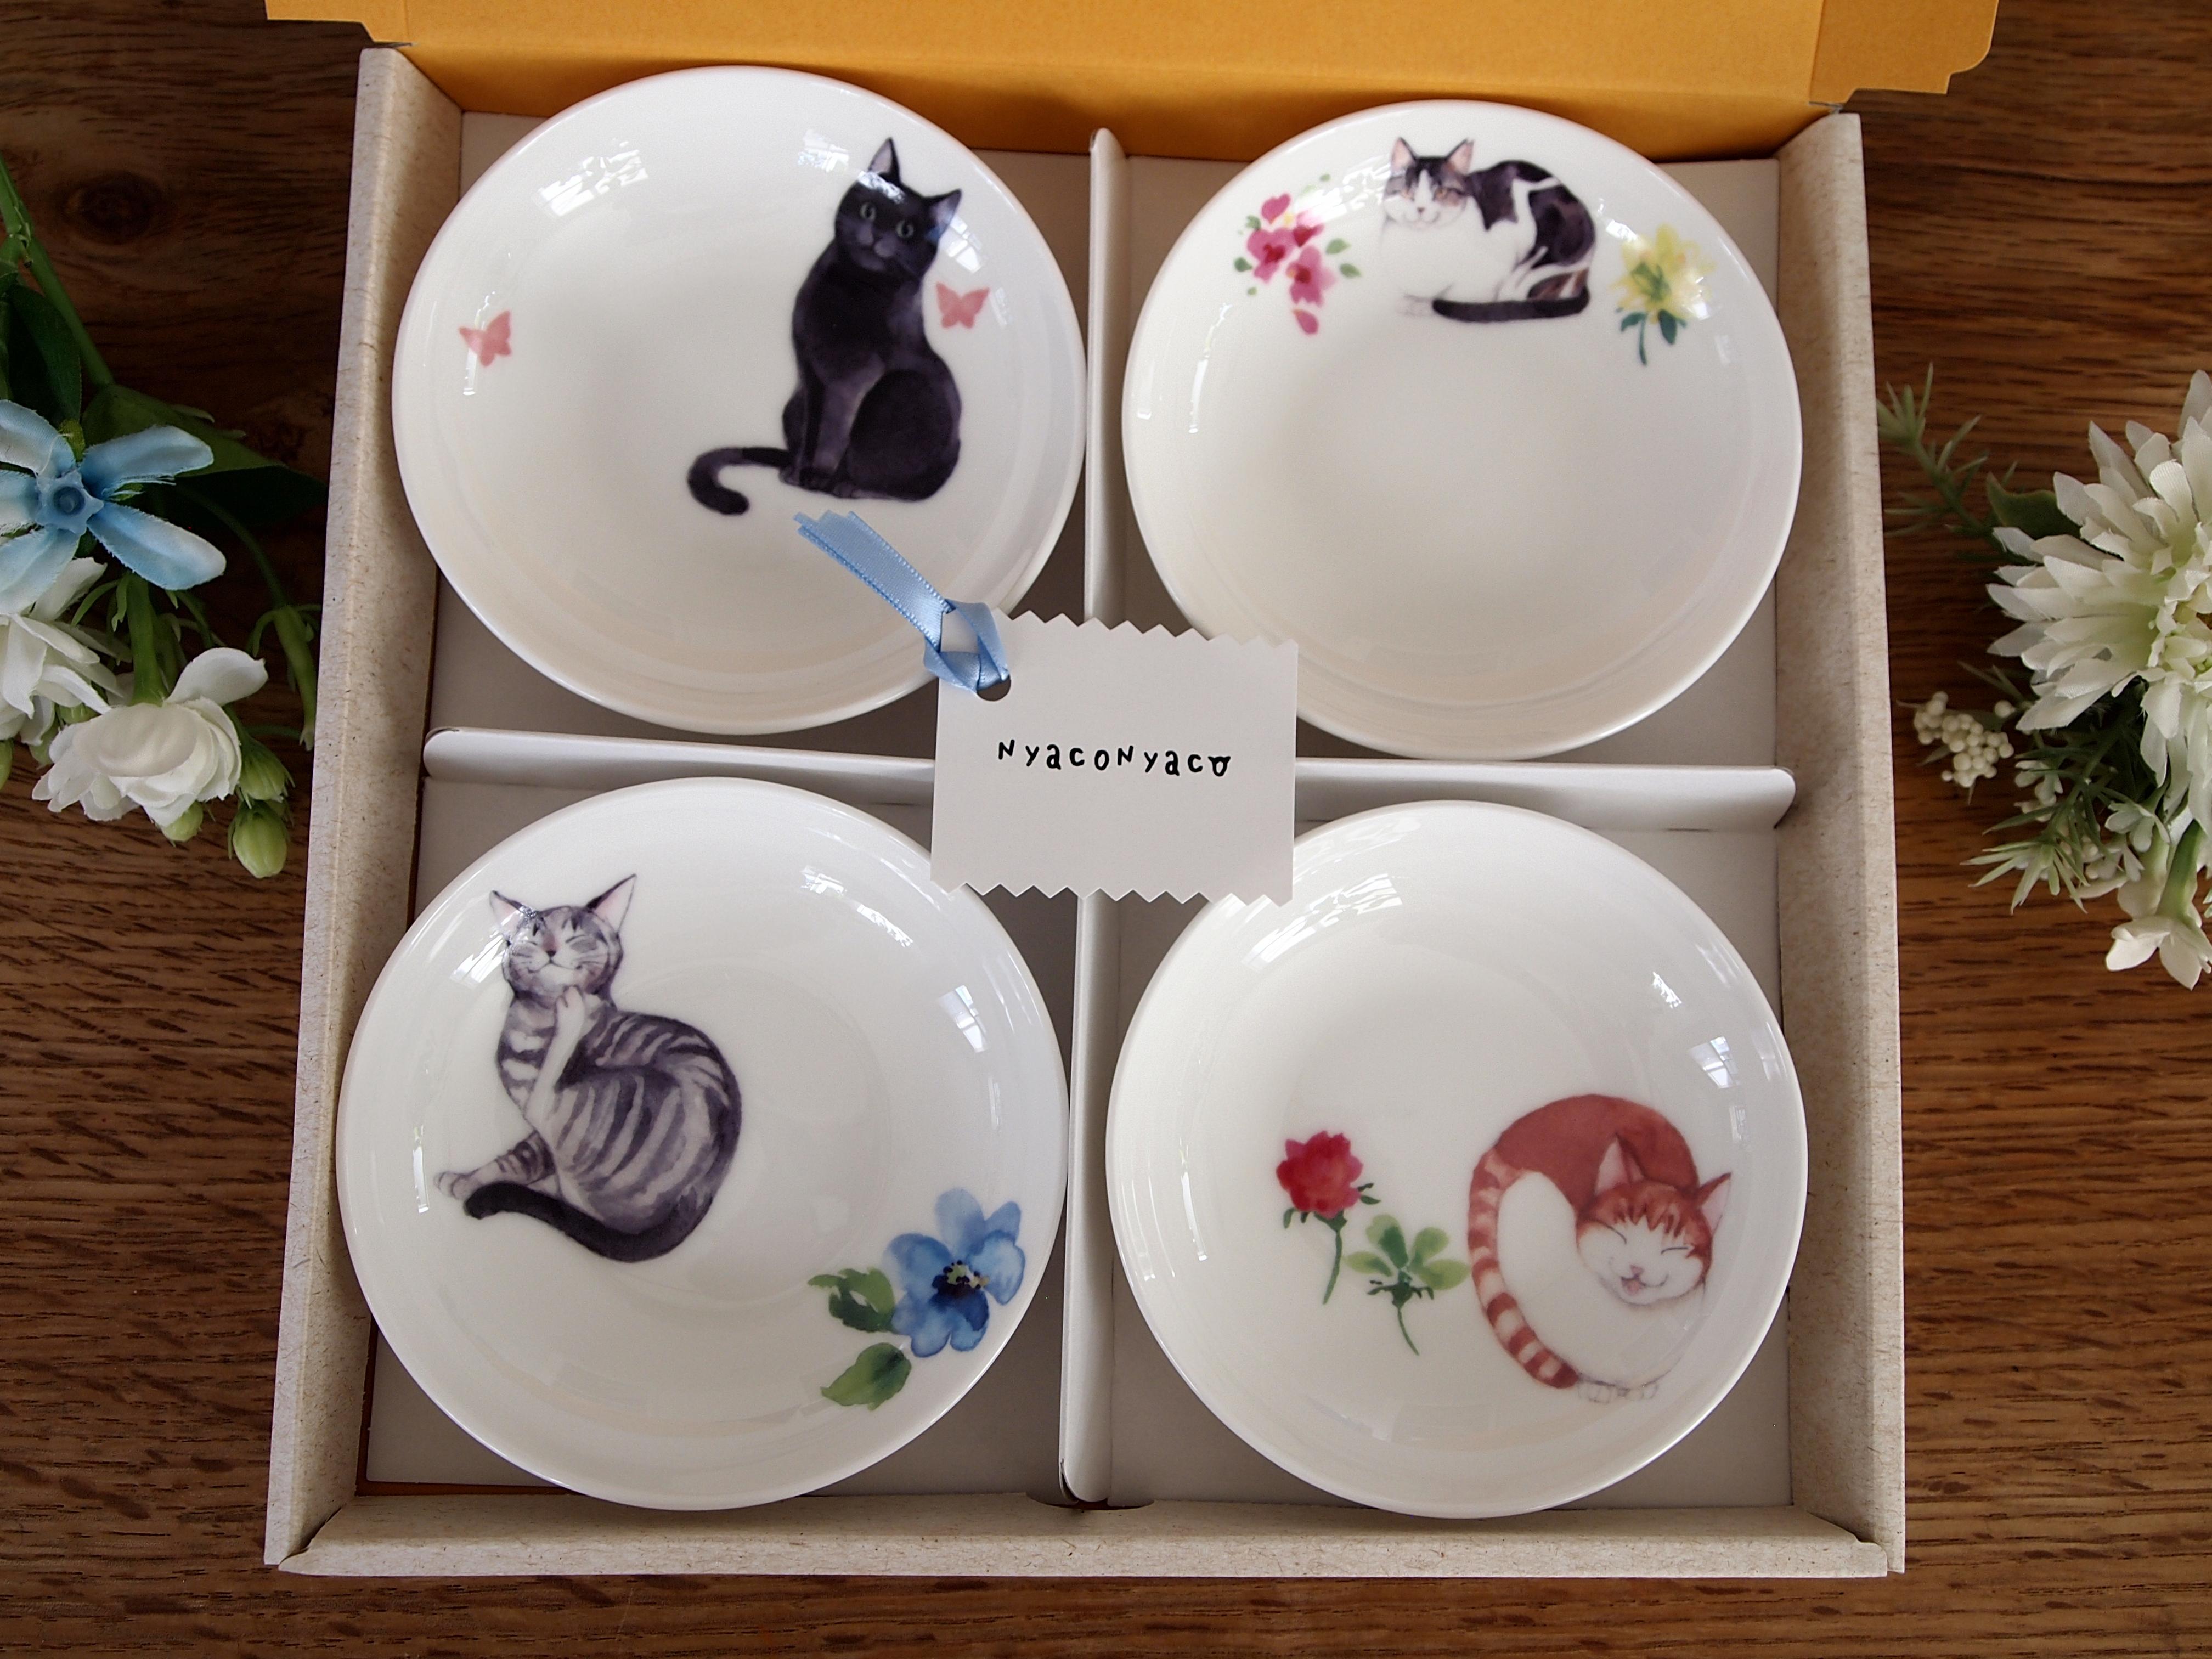 ★チャリティー 猫の豆皿4点セット ※保護猫活動に寄付します